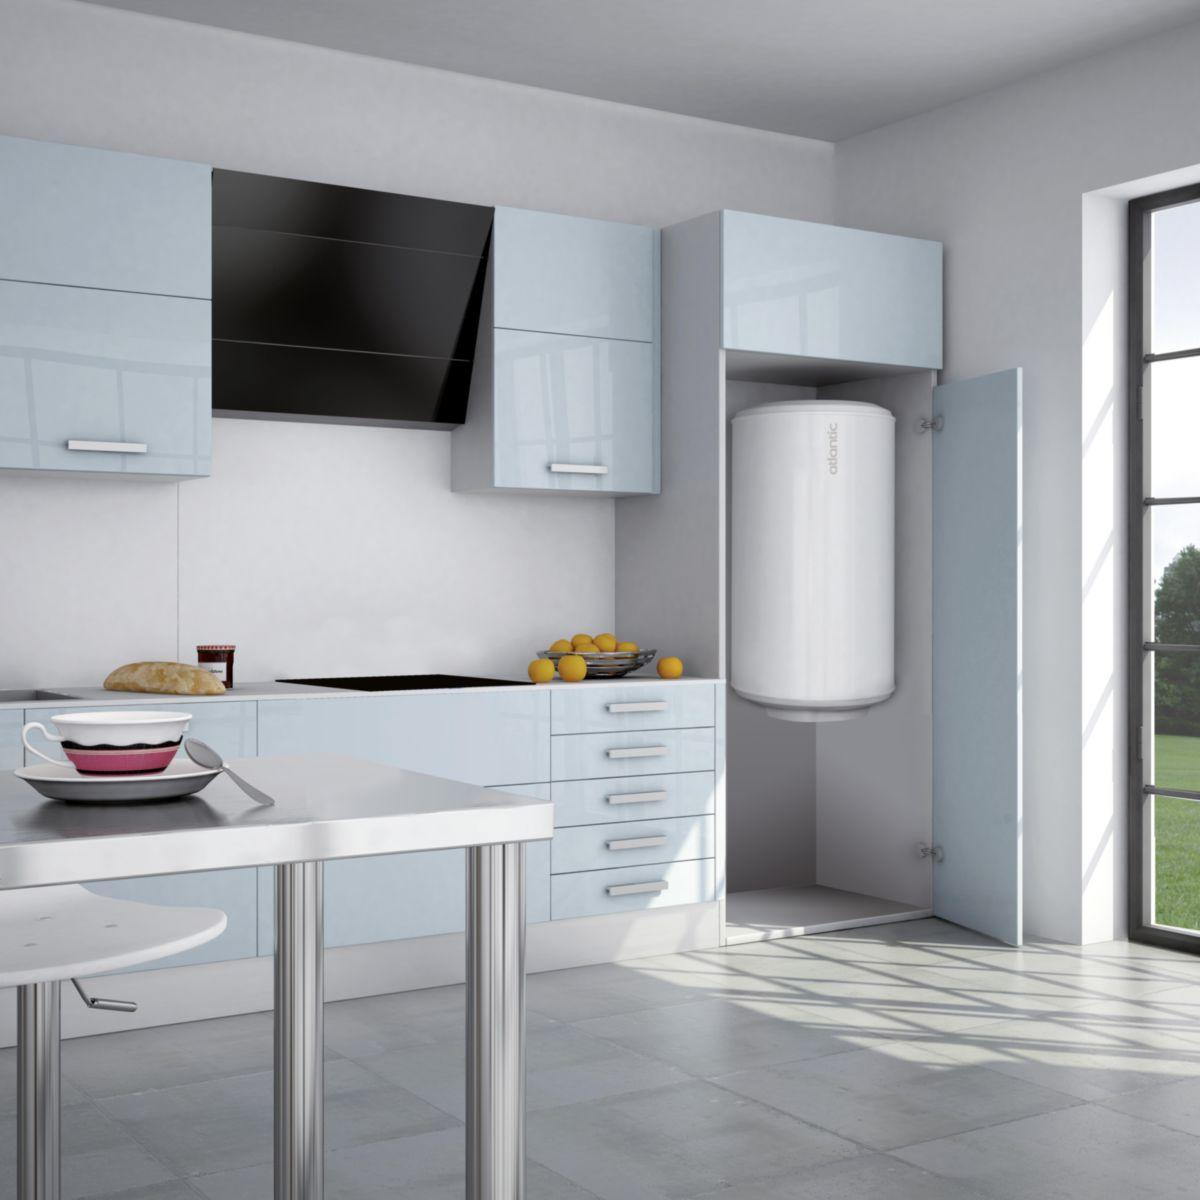 atlantic electrique chauffe eau lectrique chauffeo plus. Black Bedroom Furniture Sets. Home Design Ideas